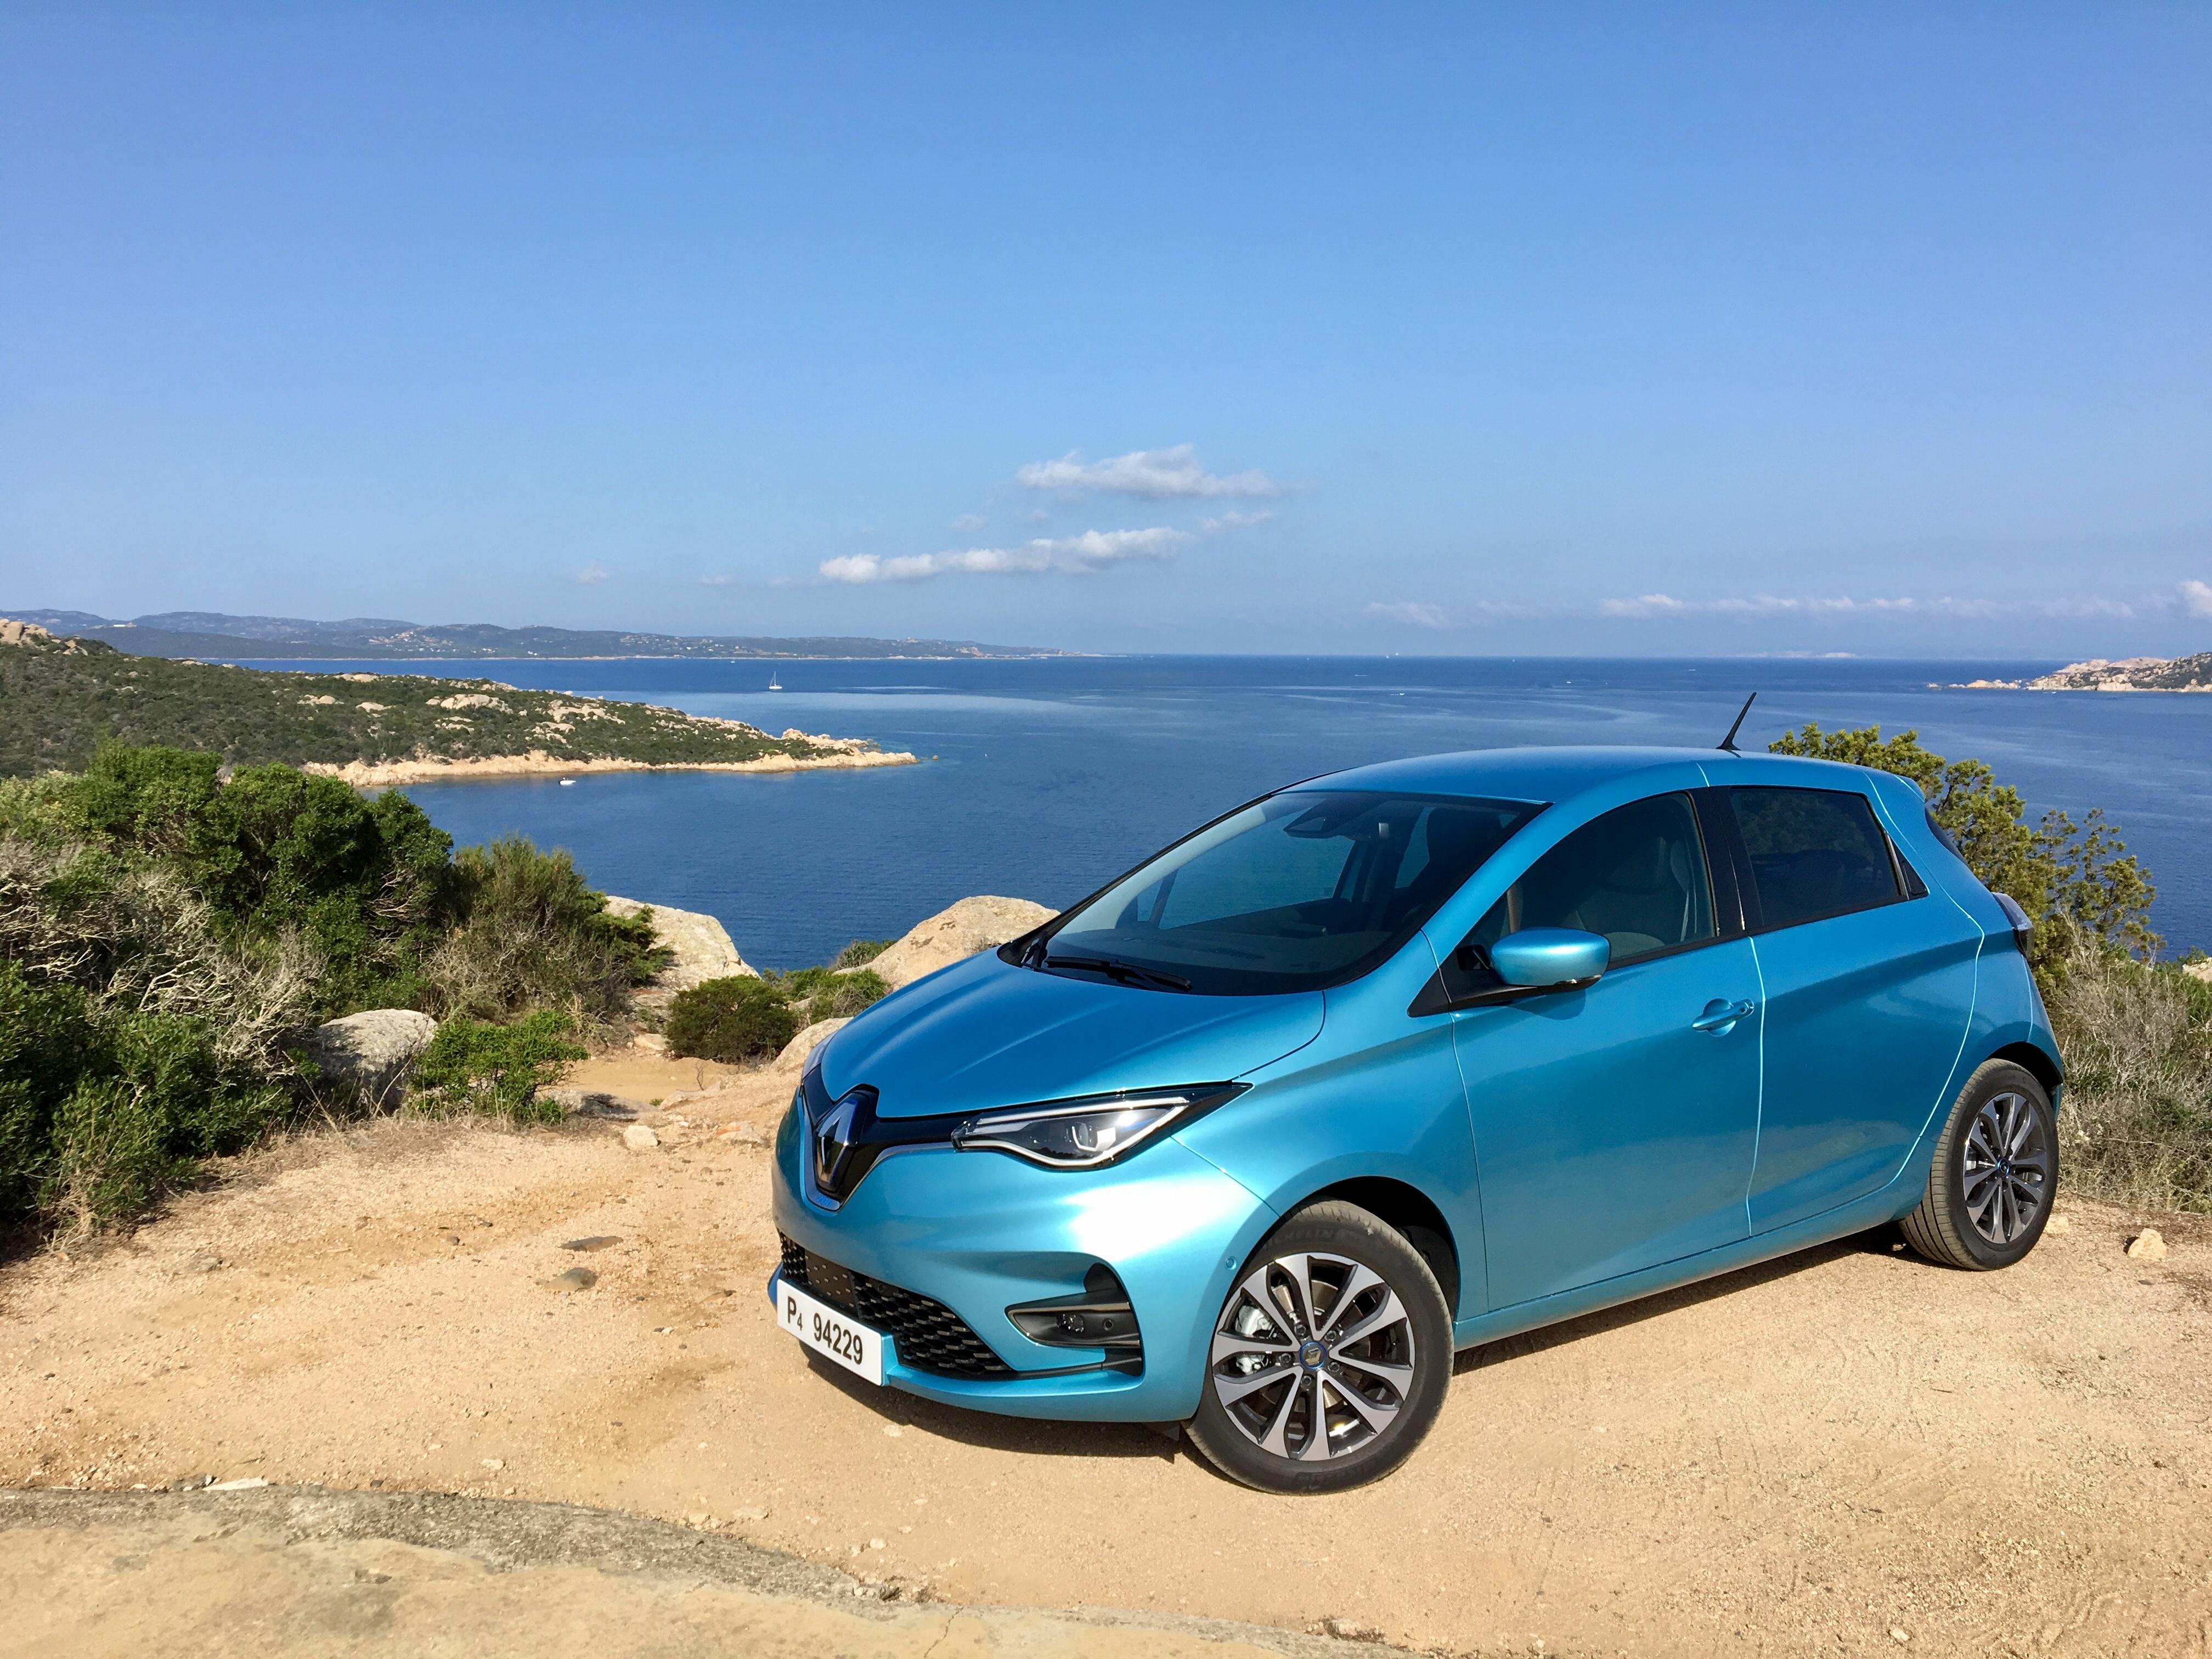 2019 - [Renault] ZOE 2 - Page 19 S0-essai-video-renault-zoe-ze50-2019-pour-rester-dans-la-course-603635